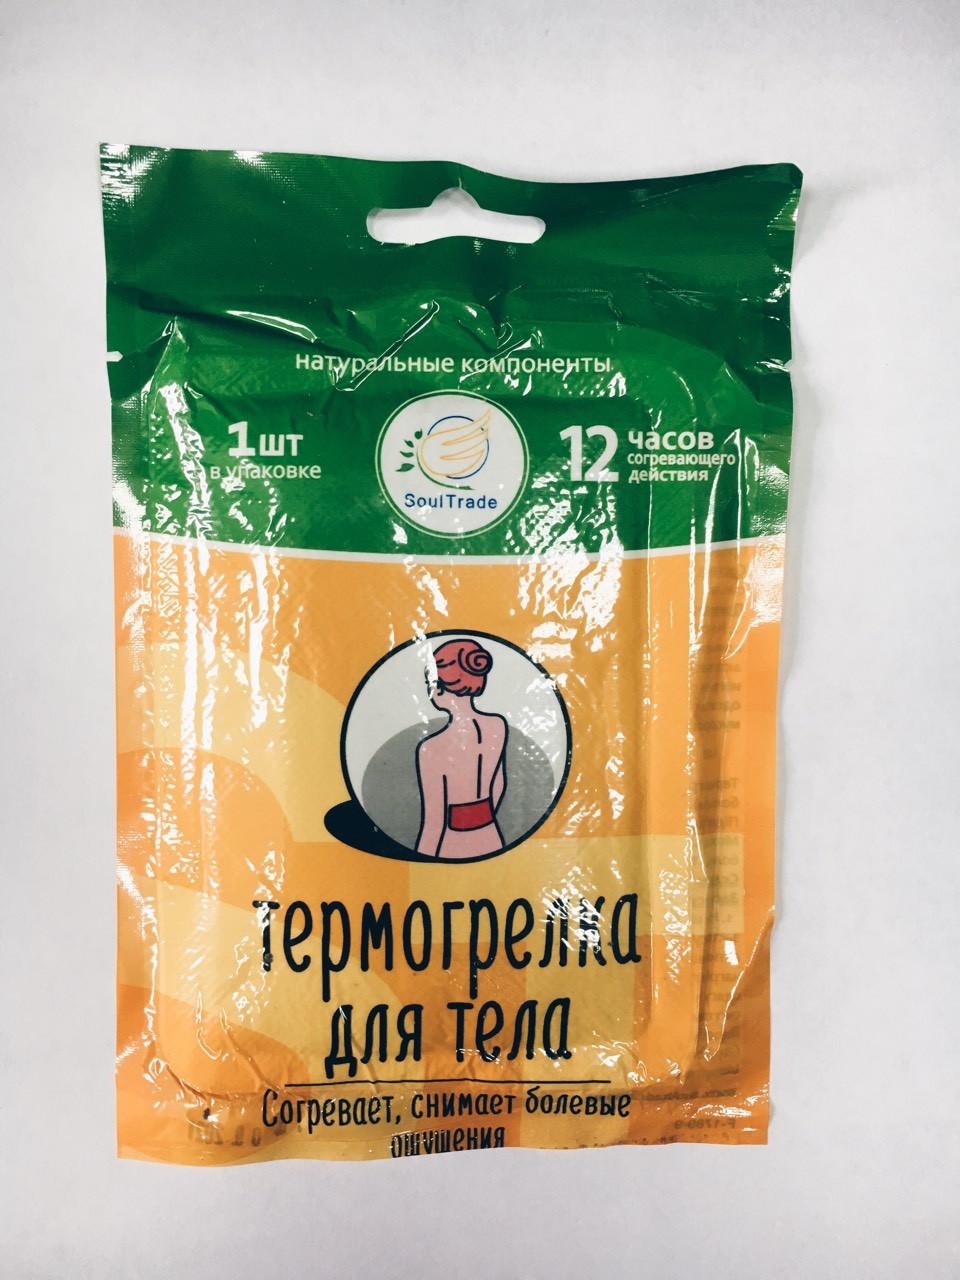 Термогрелка для тела 12 часов, одноразовые Soultrade, грелки